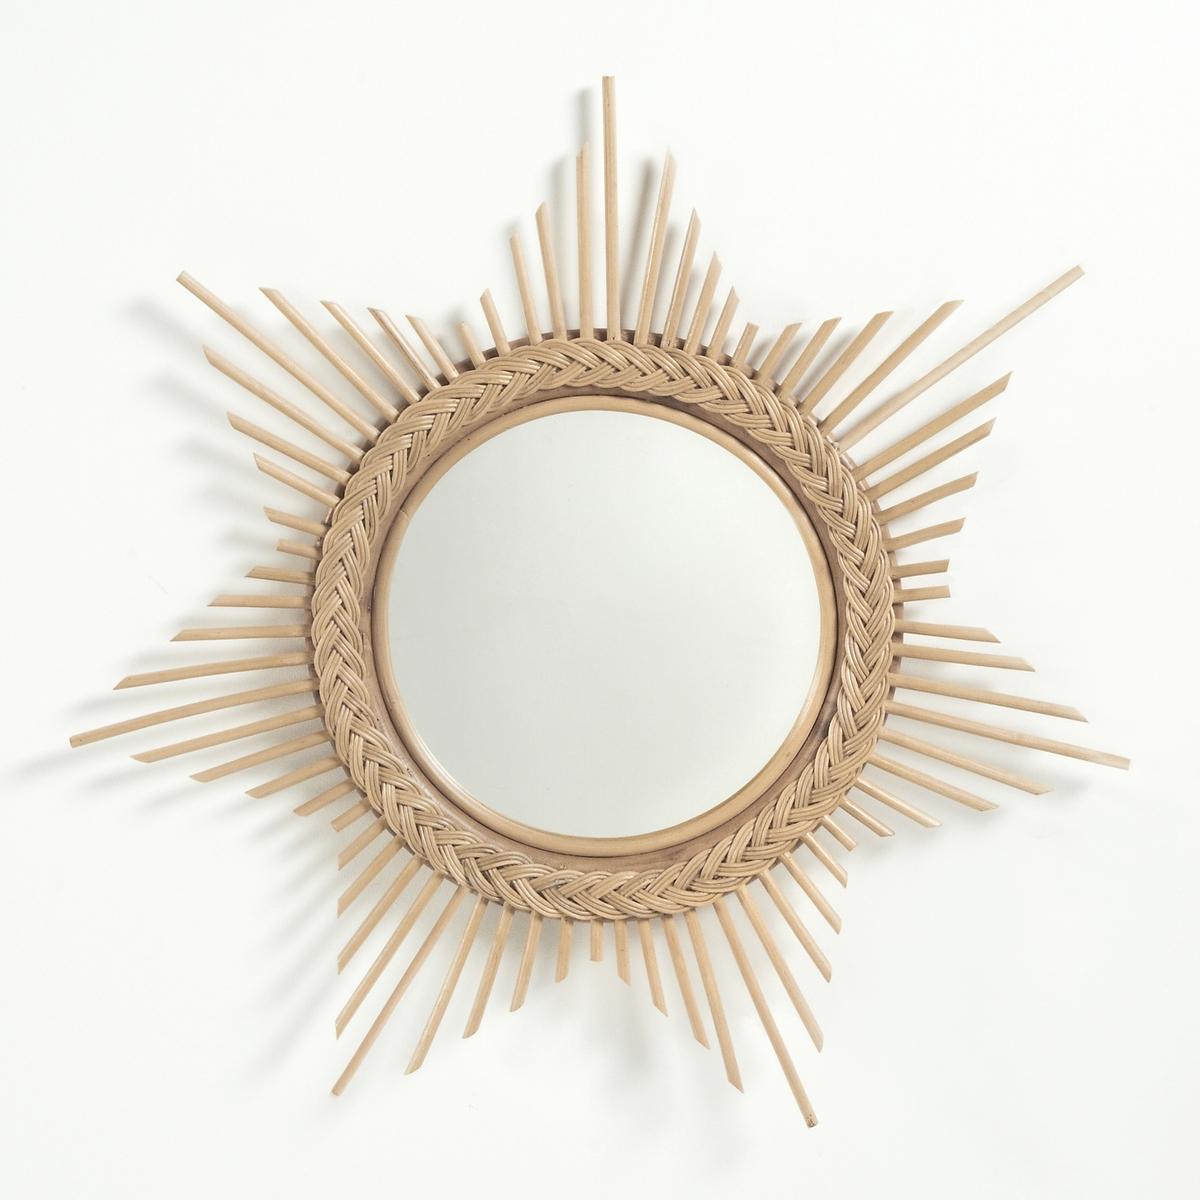 Зеркало в форме солнца из ротангаХарактеристики зеркала в форме солнца из ротанга Brigitte Bardot :Из ротангаКрепление к стене с помощью шнура- Винты и дюбеля продаются отдельноДругие зеркала вы можете найти на сайте laredoute.ruРазмеры зеркала в форме солнца из ротанга Brigitte Bardot :Диаметр. 67 x глубина 5 смДиаметр. зеркала : 30 см<br><br>Цвет: серо-бежевый